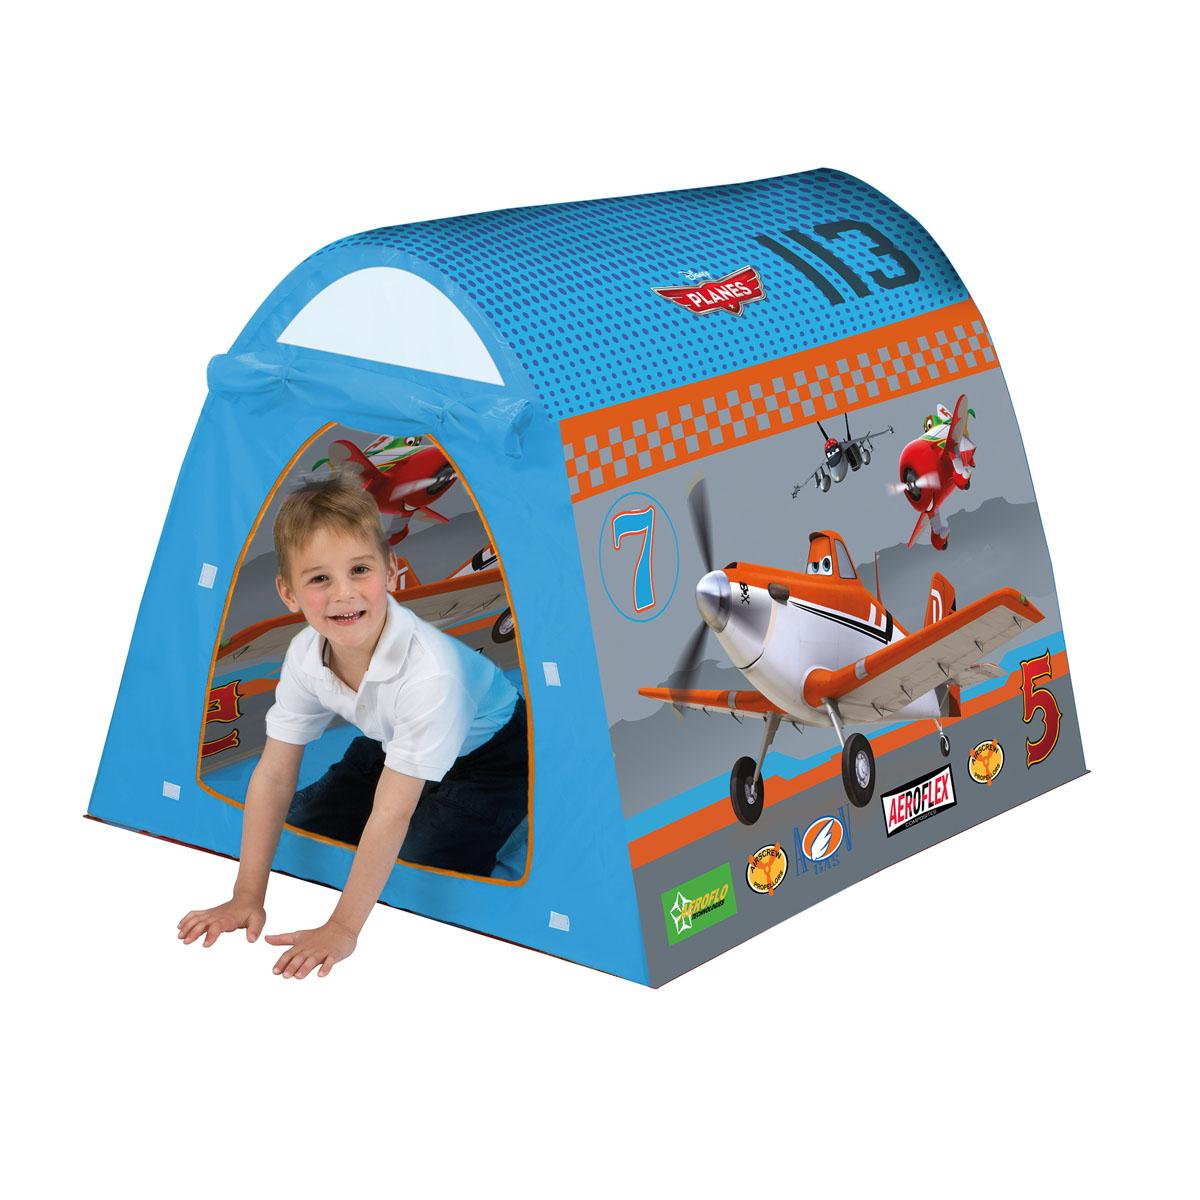 """Детская игровая палатка """"Самолеты"""" идеально подойдет для детских игр, как на улице, так и в помещении. Она имеет один вход. Палатка изготовлена из легкого нейлона ярких цветов. Каркас палатки поддерживается при помощи пластиковых прутьев. Благодаря своей легкости и компактным размерам в сложенном виде палатку легко перевозить и хранить. Ваш ребенок с удовольствием будет играть в такой палатке, придумывая различные истории. Учеными давно подмечен факт, что ребенок чувствует себя психологически более защищенным, находясь под крышей, соответствующей его росту - именно поэтому дети очень любят лазить под стол, залезать в шкаф. В палатке """"Самолеты"""" малыш будет чувствовать себя максимально уютно."""